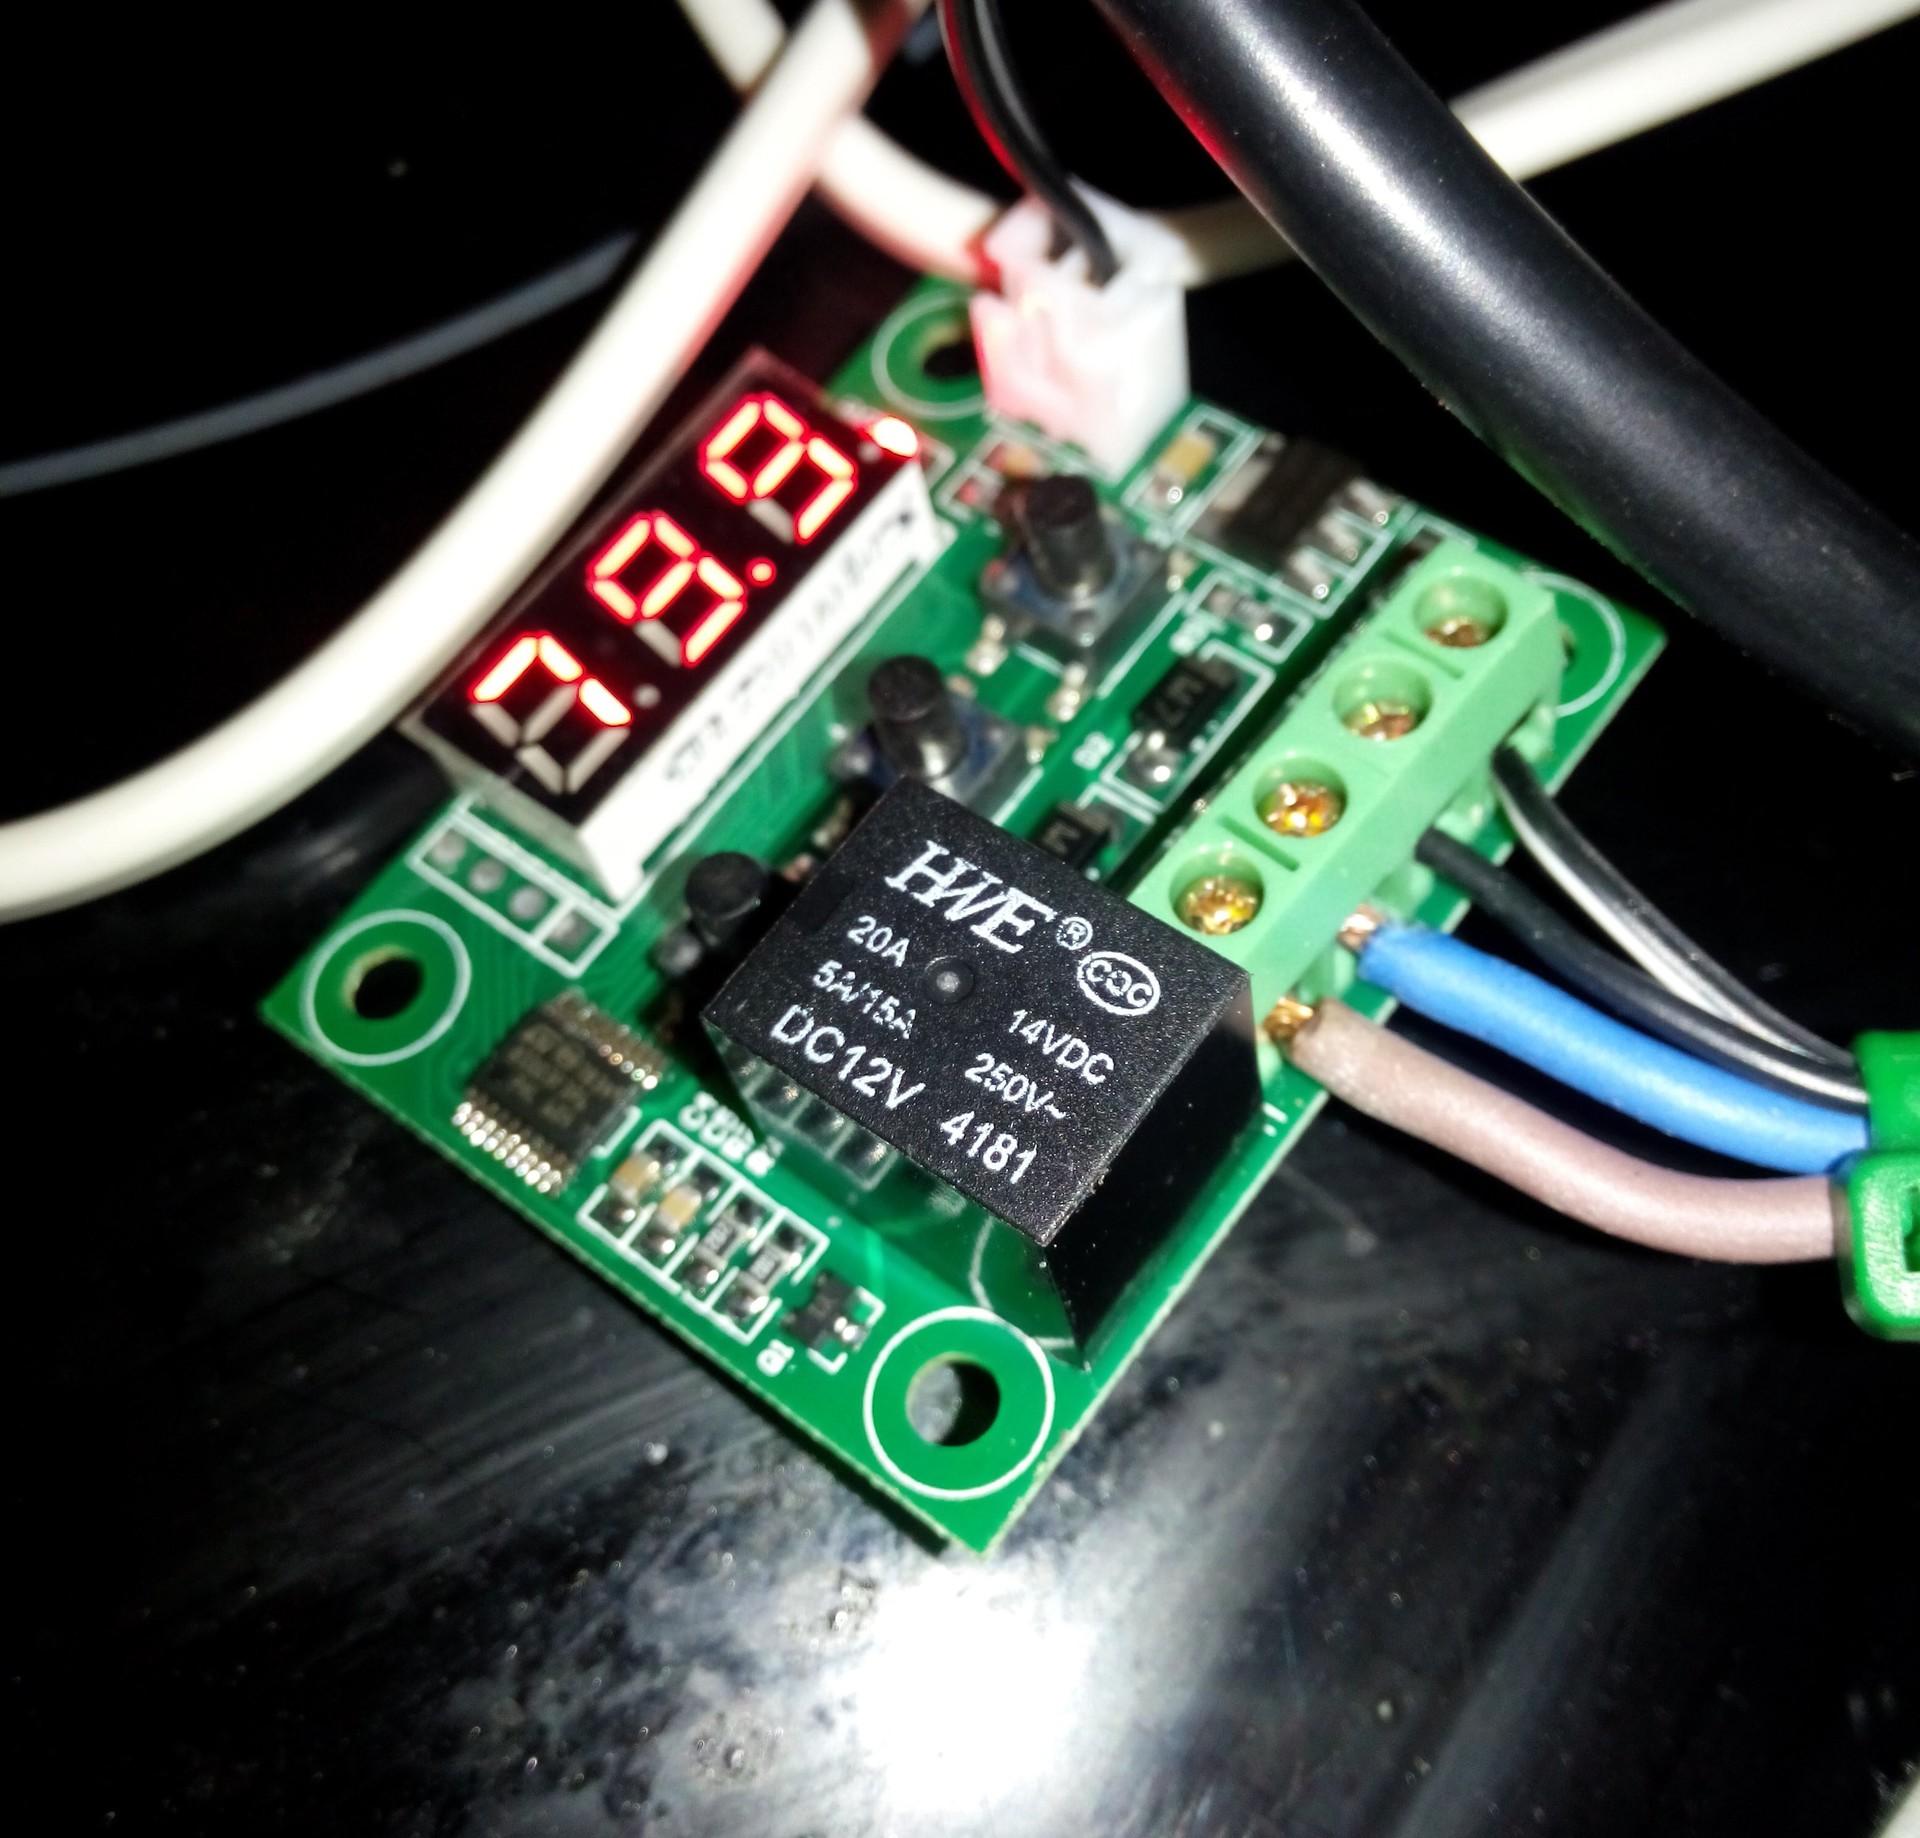 мультиварка магнит инструкция по применению